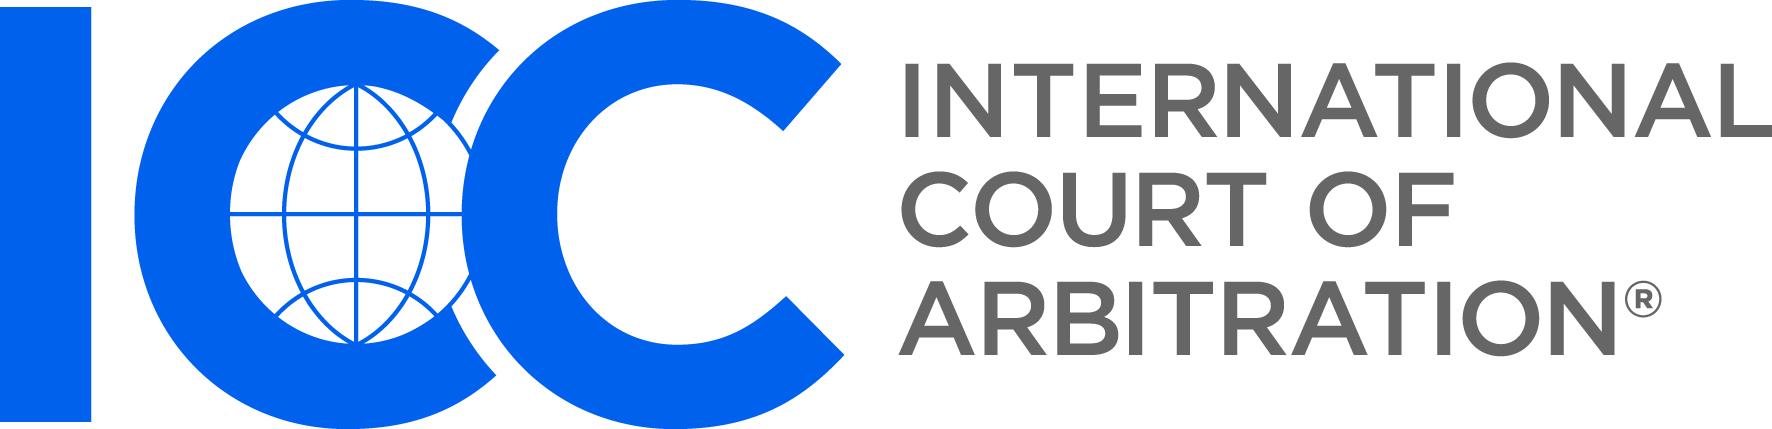 ICC Arbitration